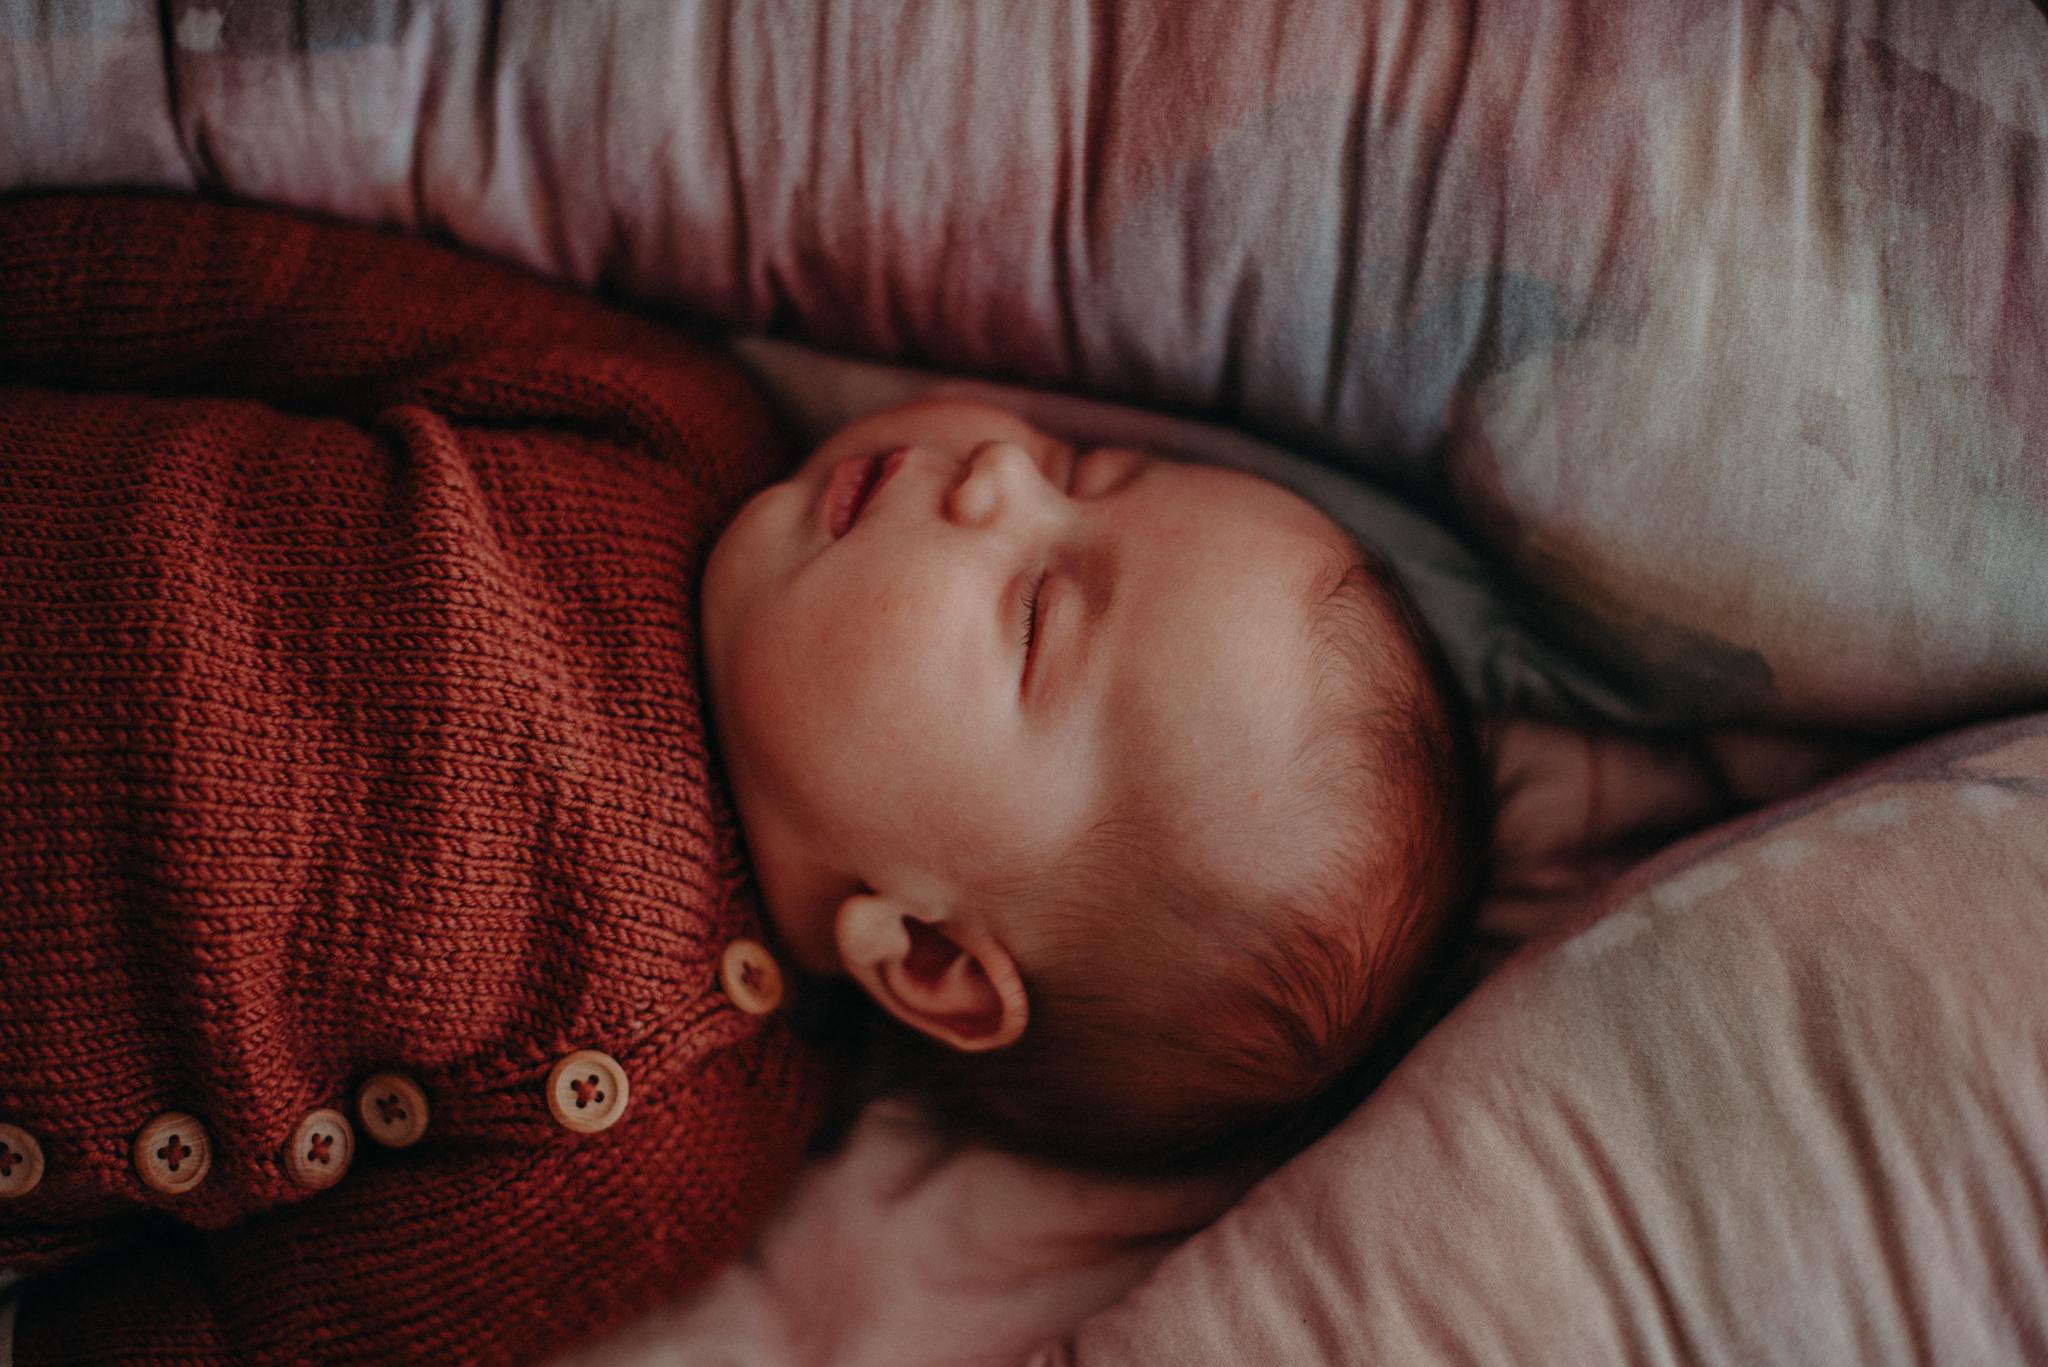 Neugeborenenfoto von schlafendem Säugling entstanden bei Neugeborenenfotoshooting in Freiburg